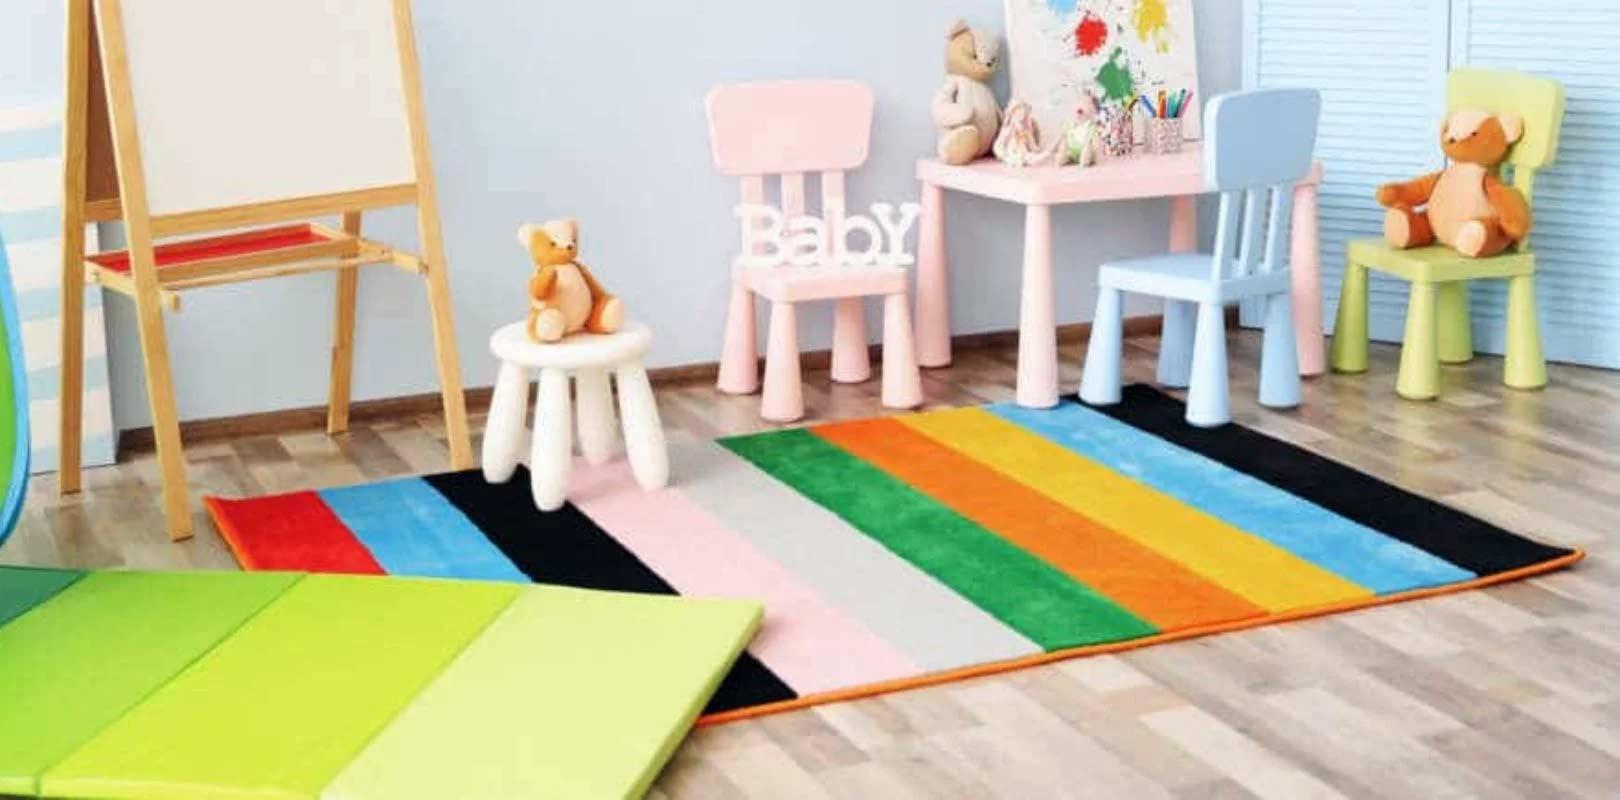 Schlafzimmer Teppich Schlafzimmer Teppiche Boden Teppiche für Mädchen Zimmer